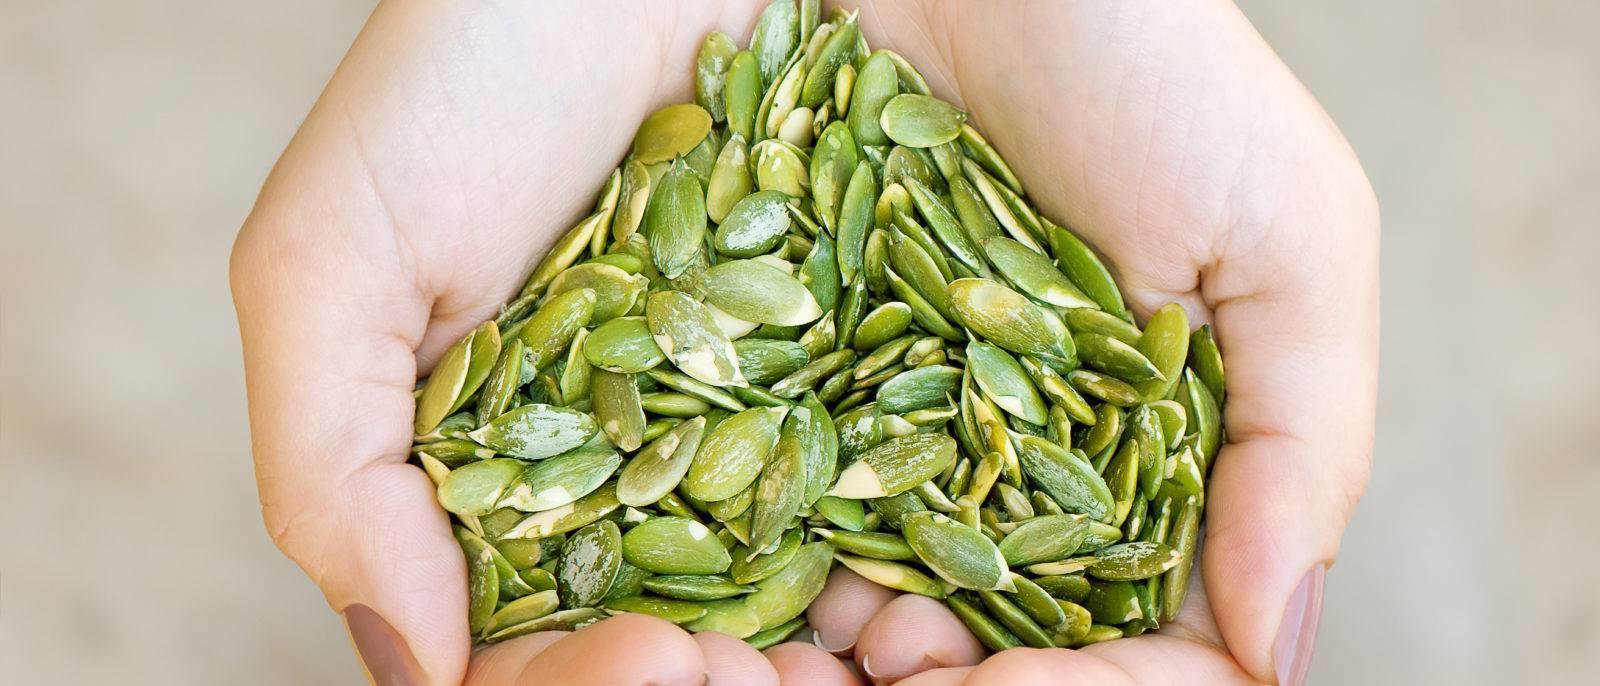 Тыквенные семечки: польза и вред для мужчин и женщин, как сушить и сколько съедать + отзывы